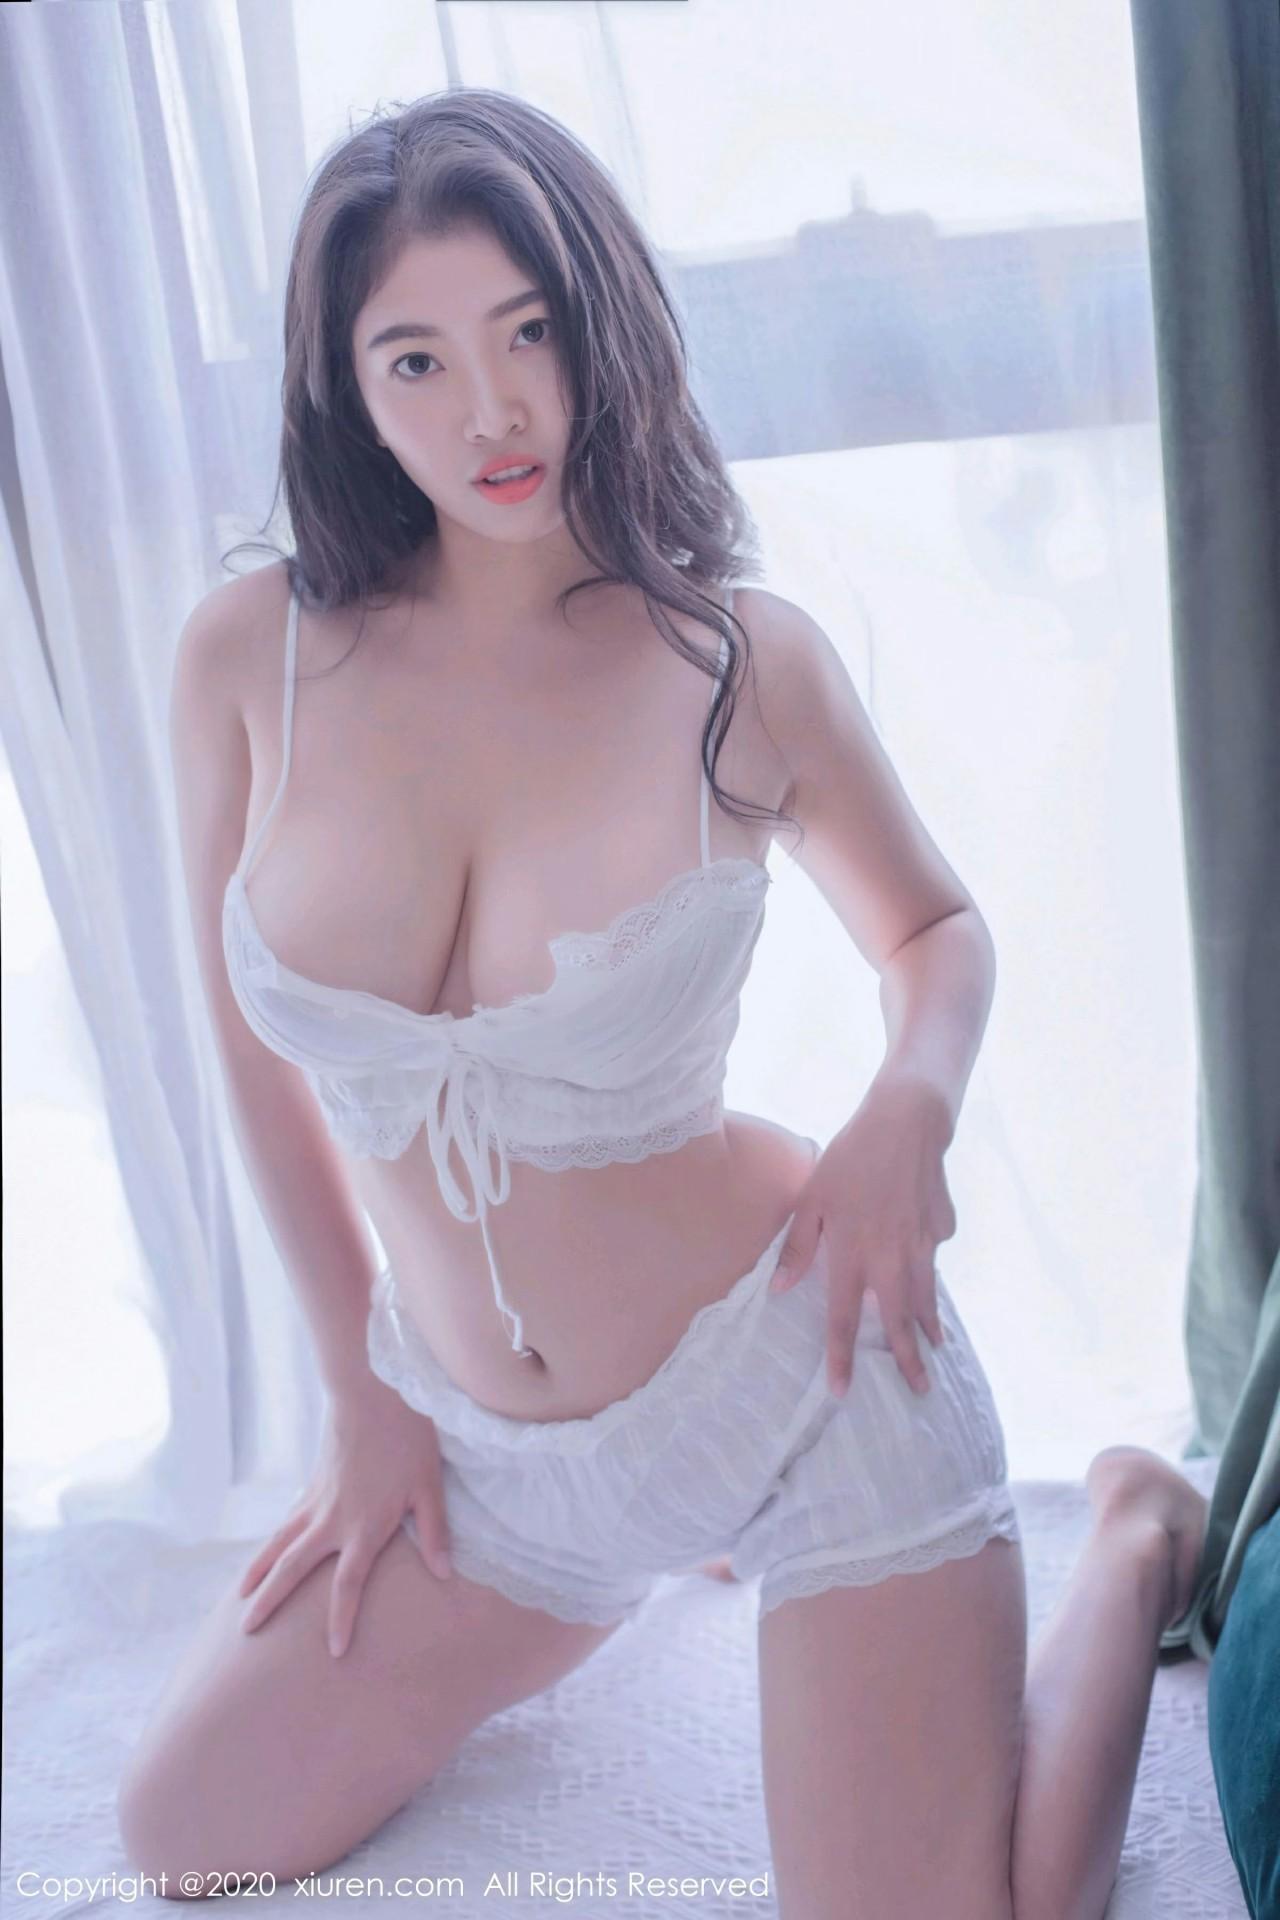 [XiuRen秀人网] 2020.11.25 No.2821 舞媚歆 第2张